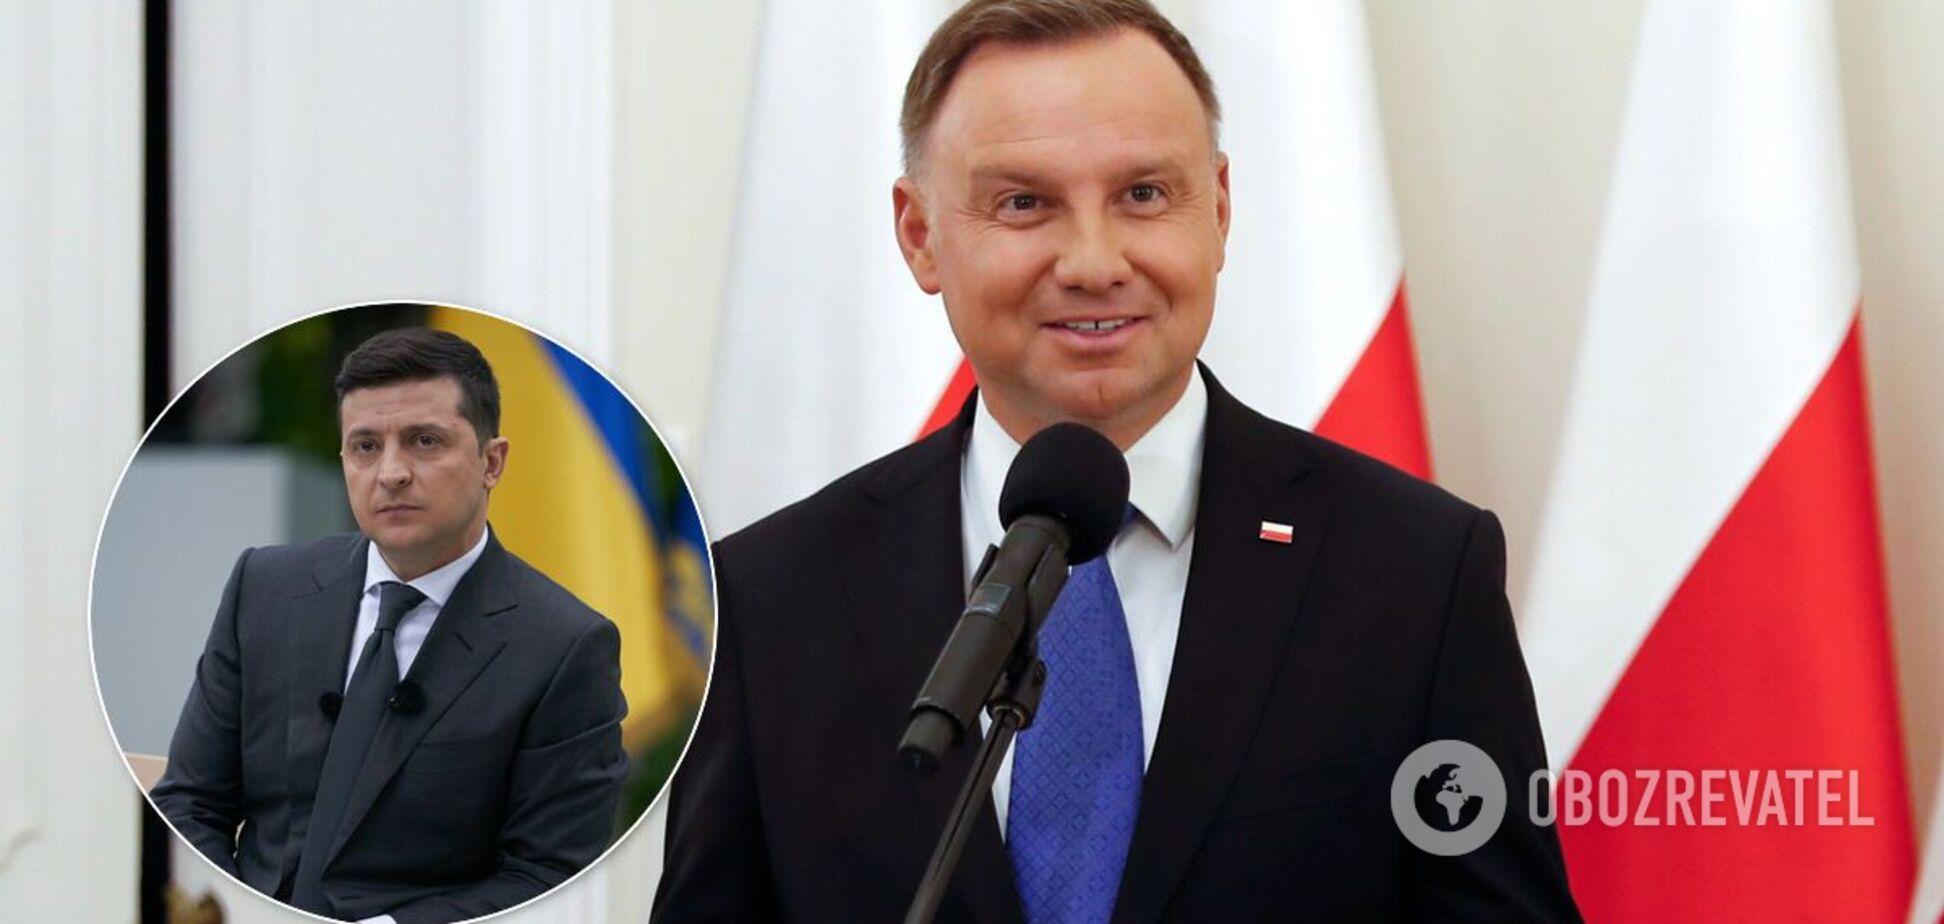 Зеленский встретился с президентом Польши Дудой